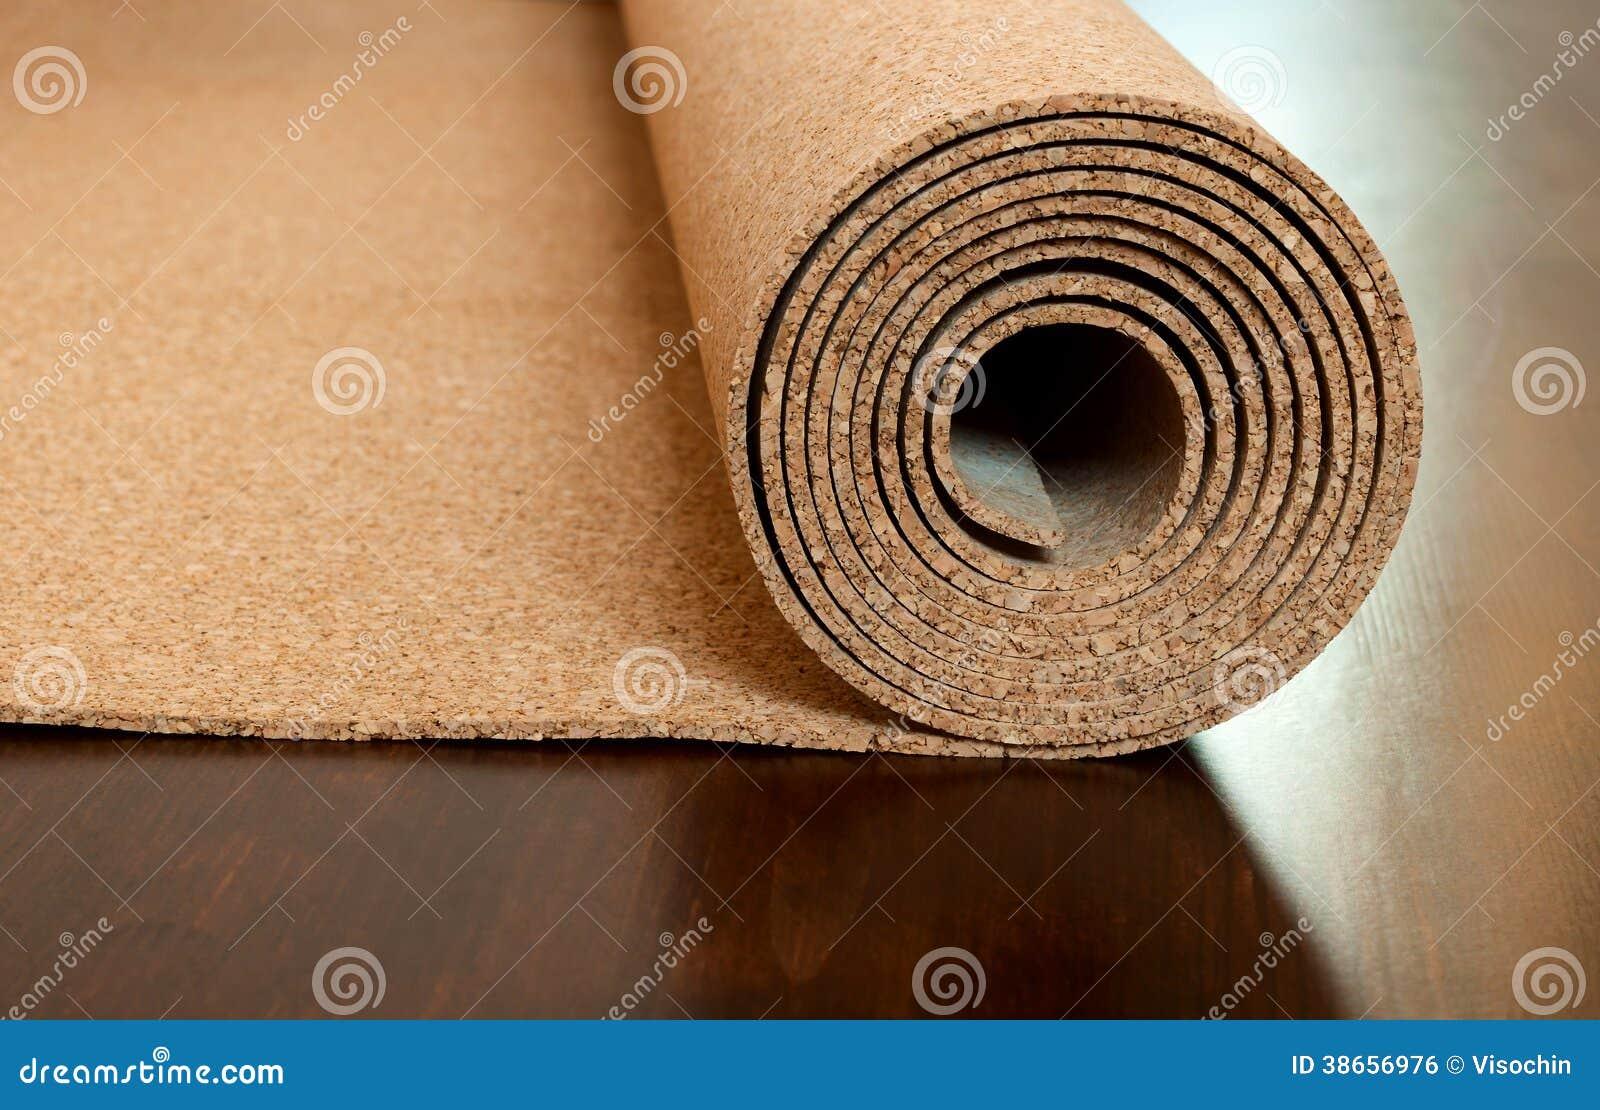 黄柏卷在一个棕色地板上说谎